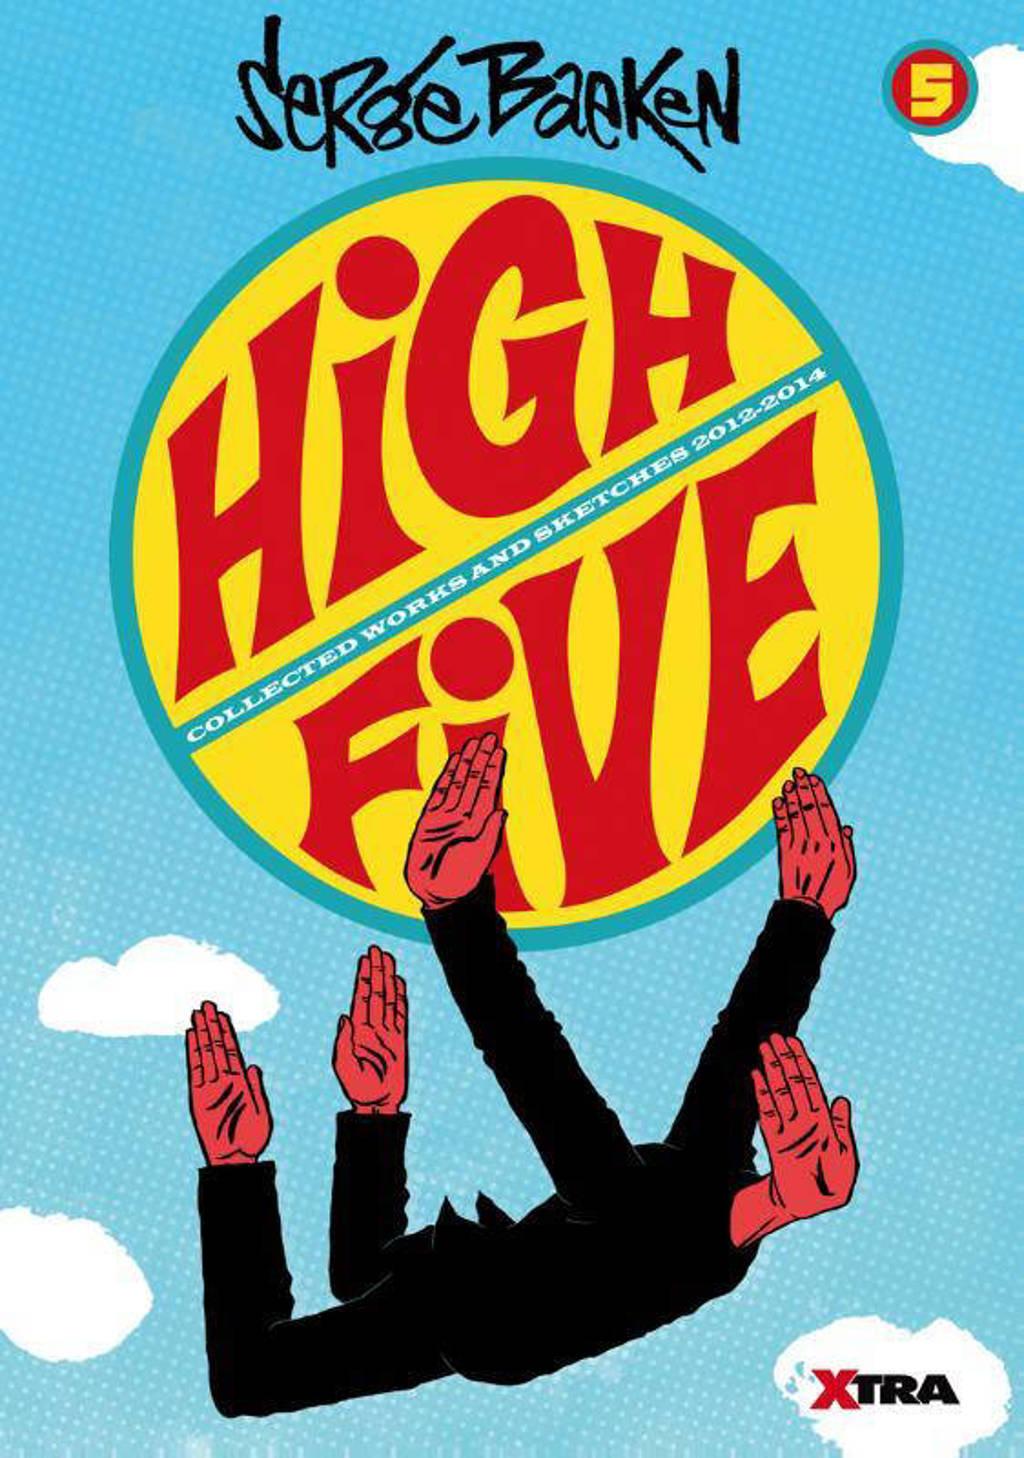 High five - Serge Baeken